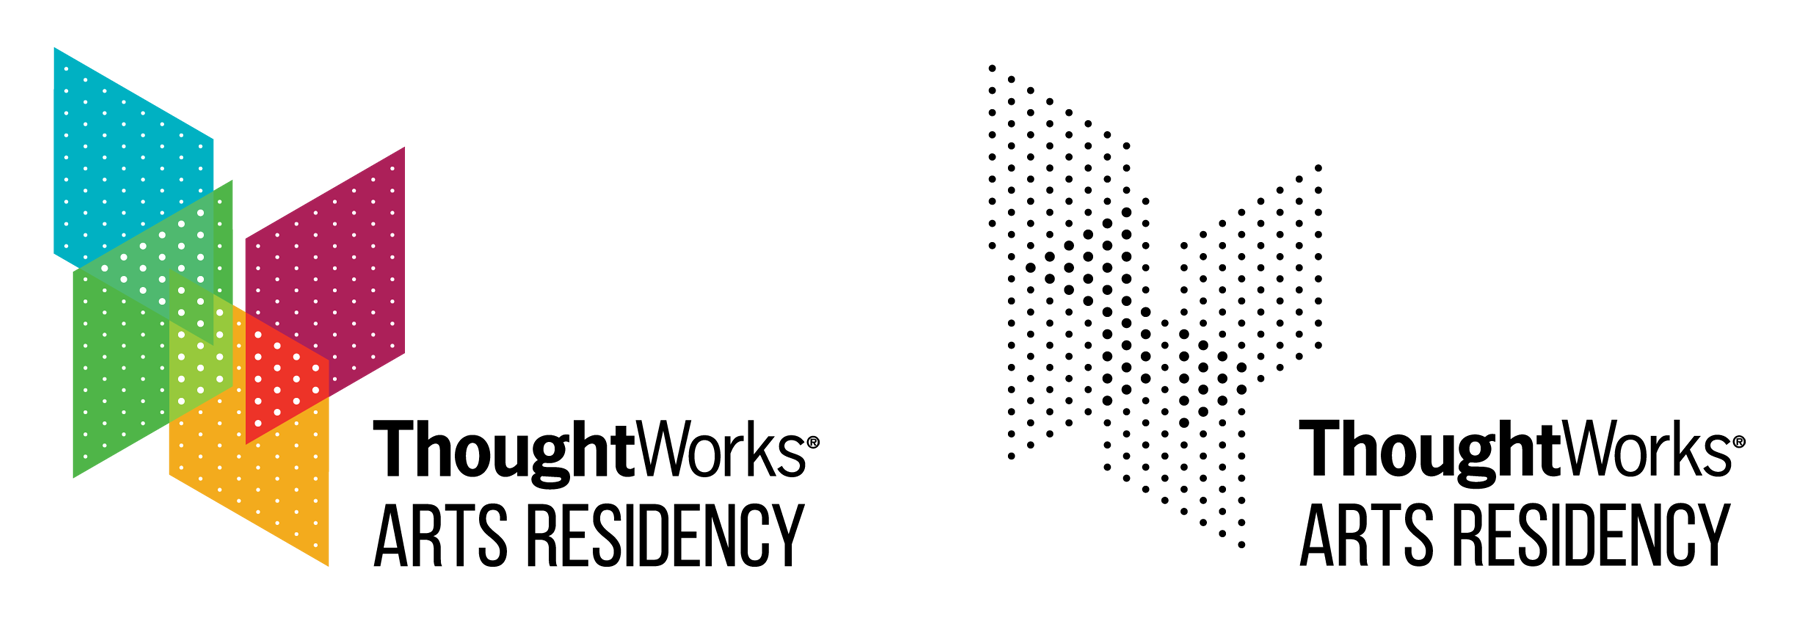 TW Logos cbw.png